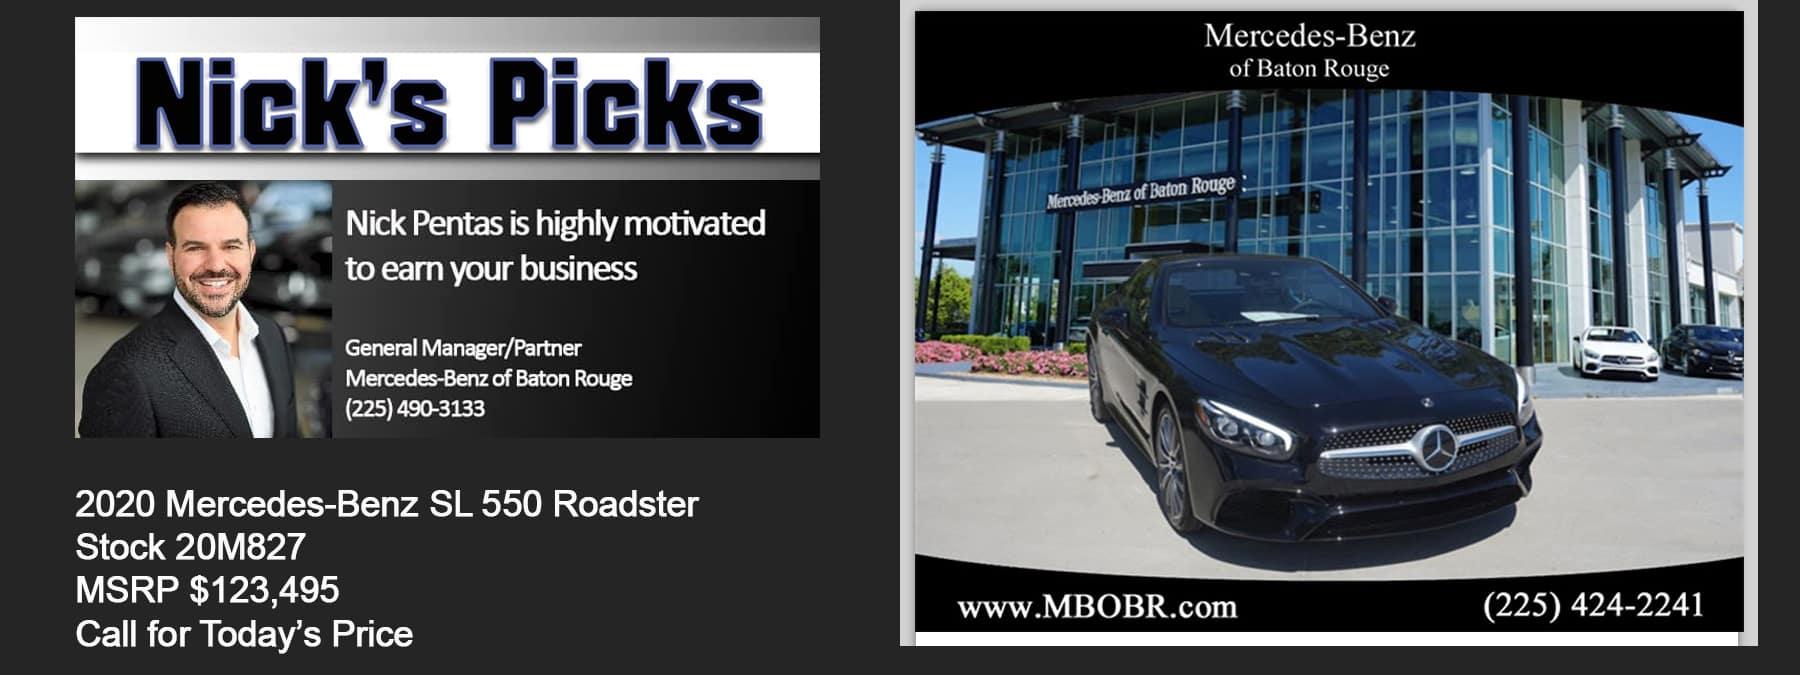 nicks picks front banner Stock 20M827